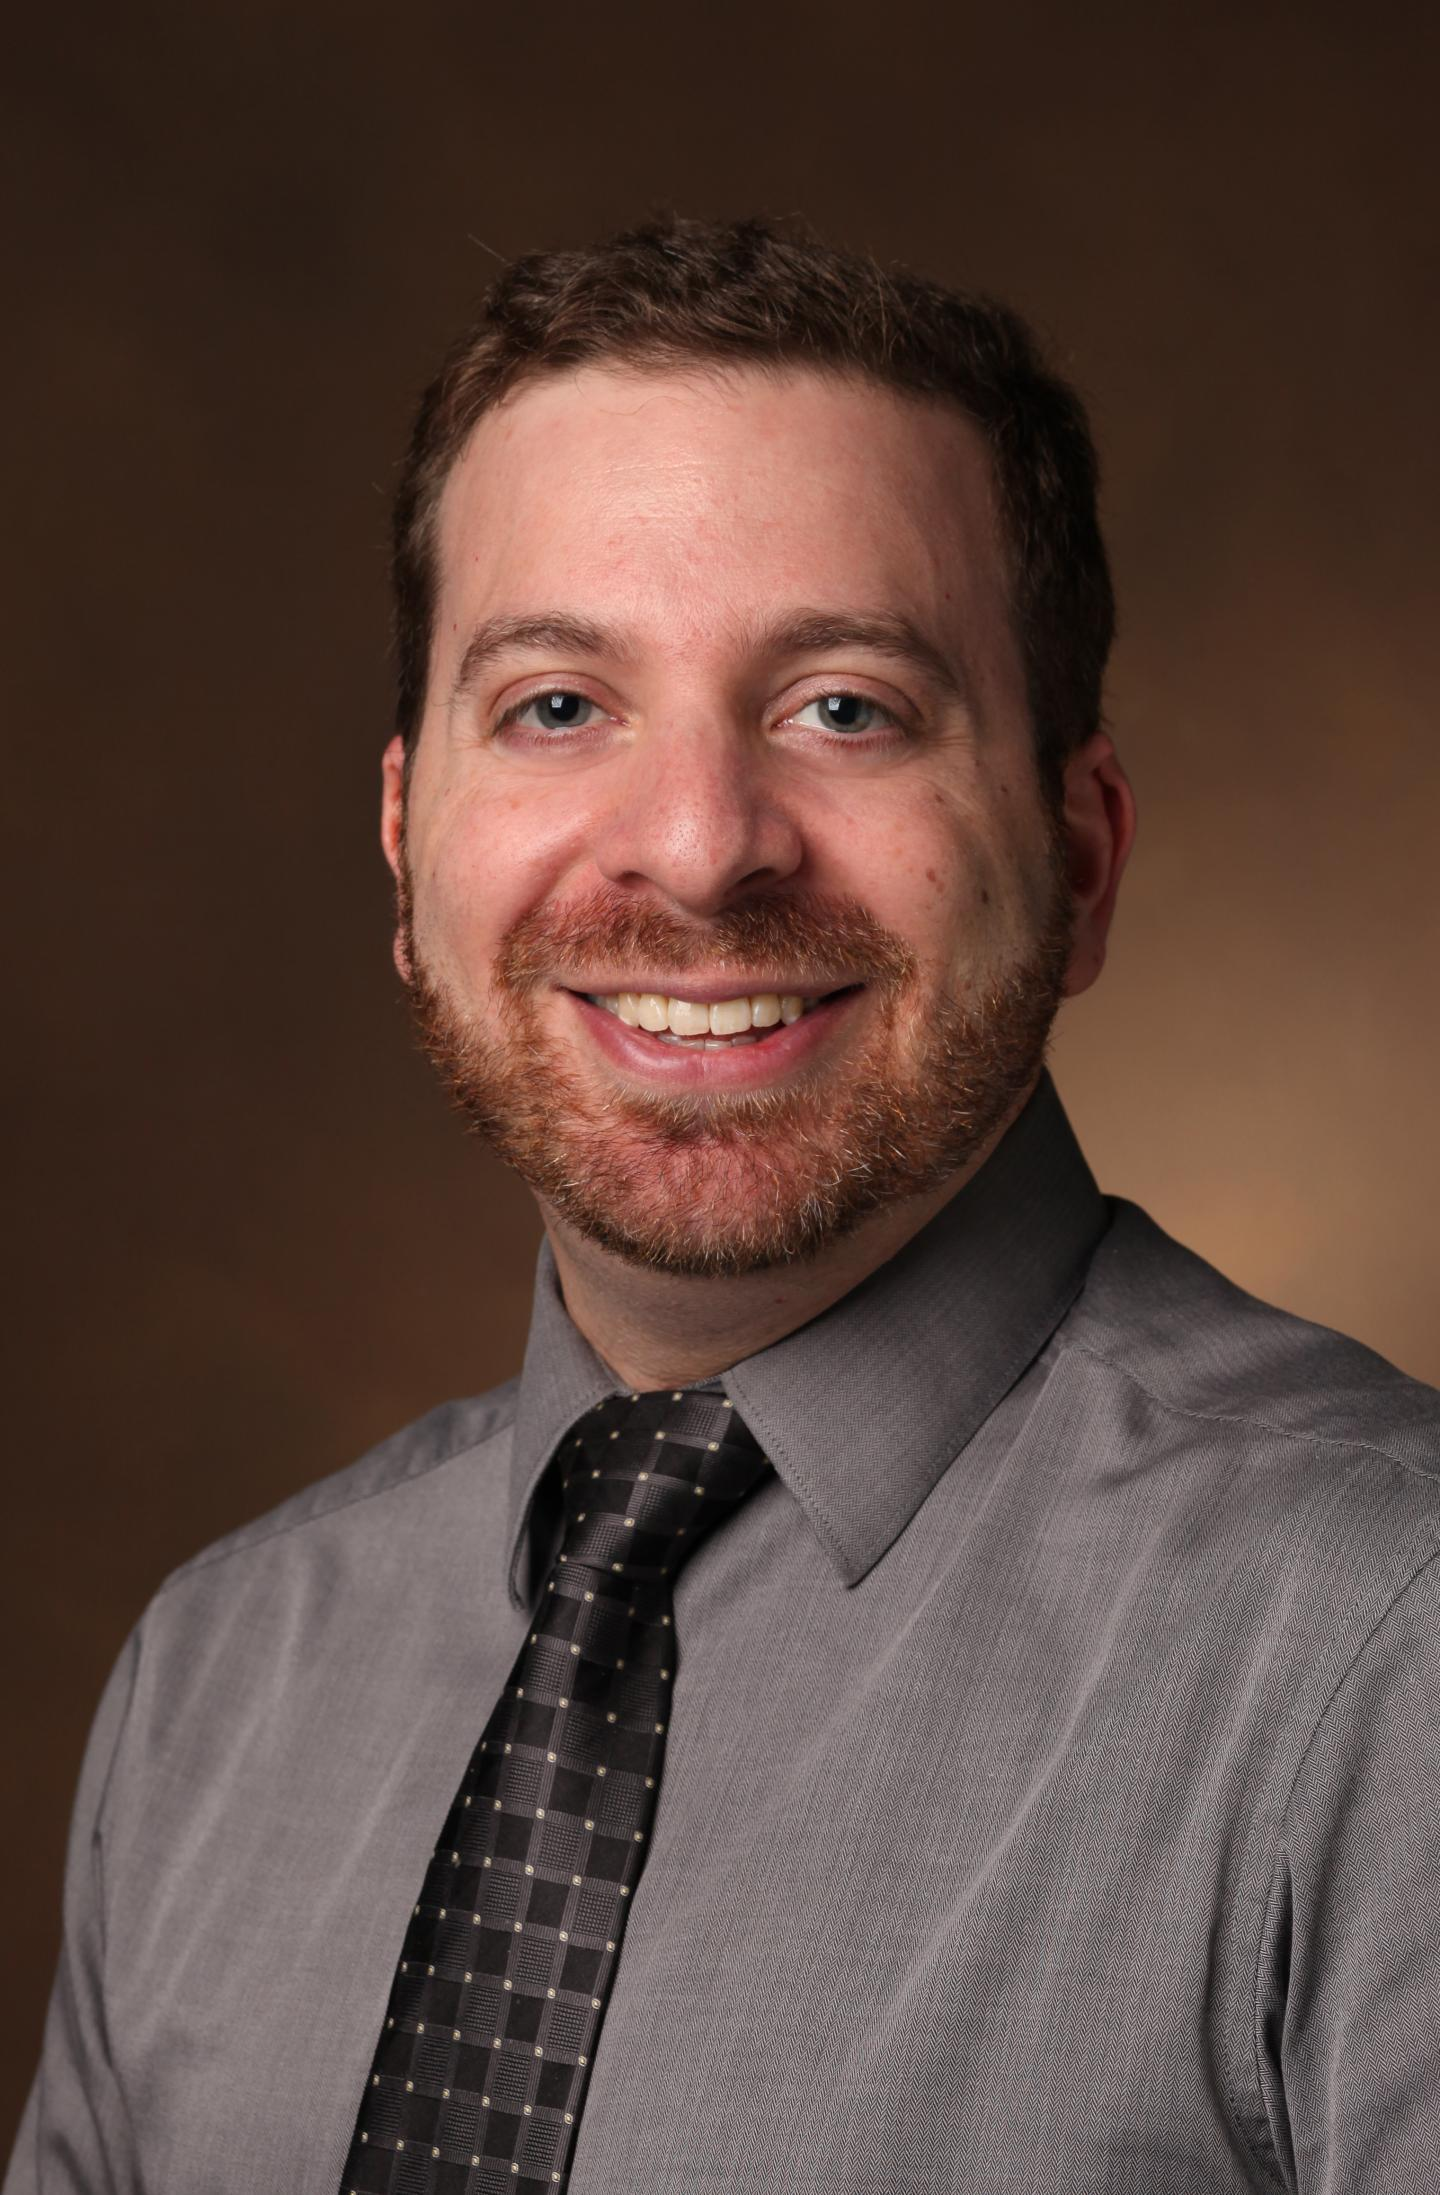 Dr. Jeremy Warner, Vanderbilt University Medical Center